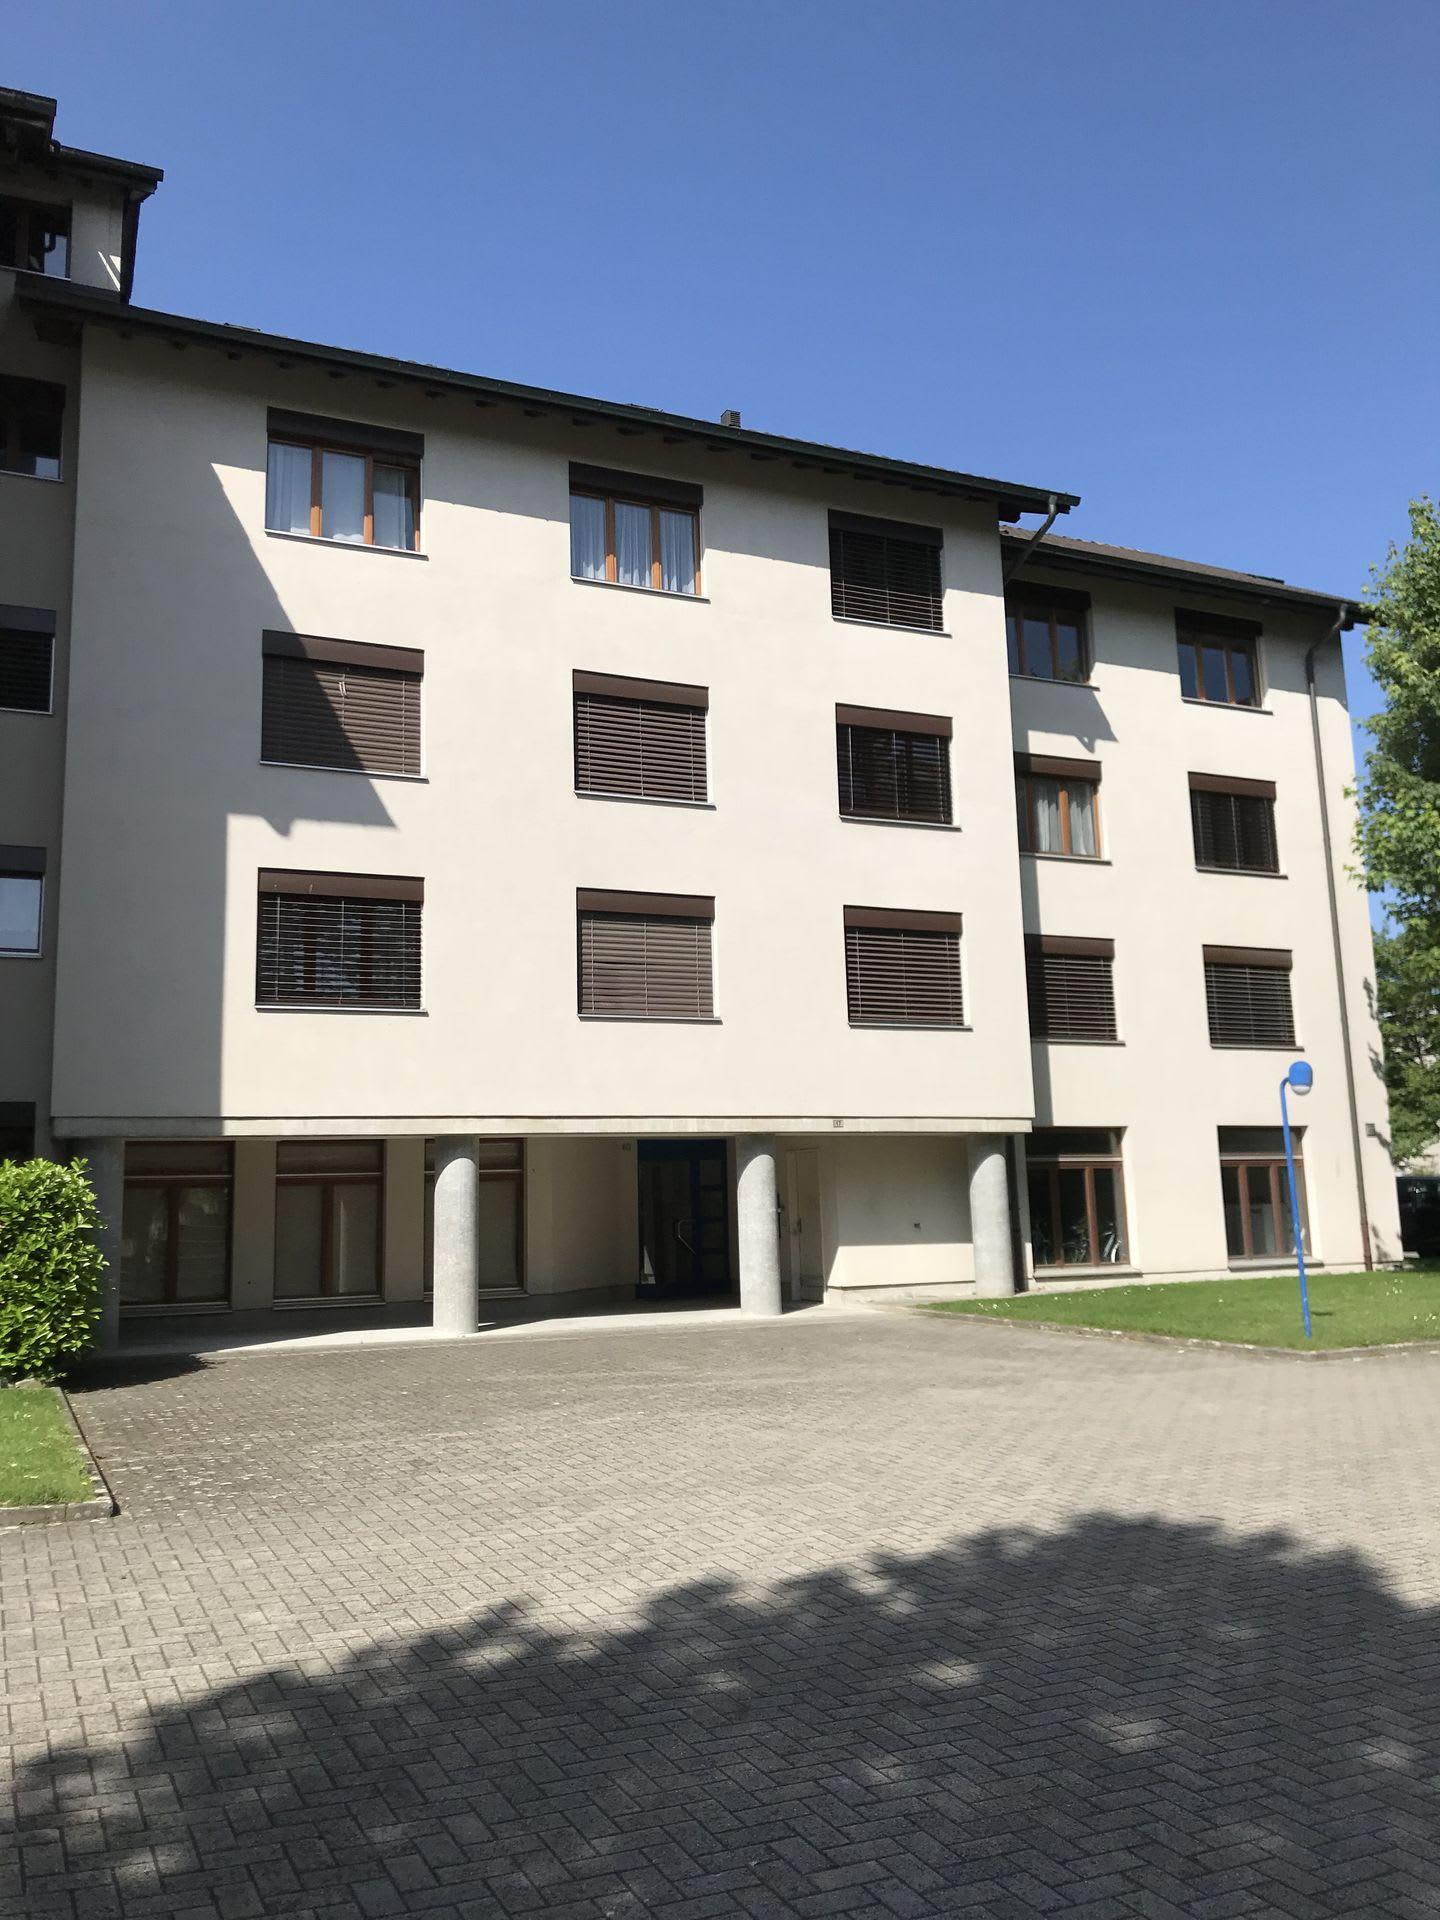 Fähndrichweg 17